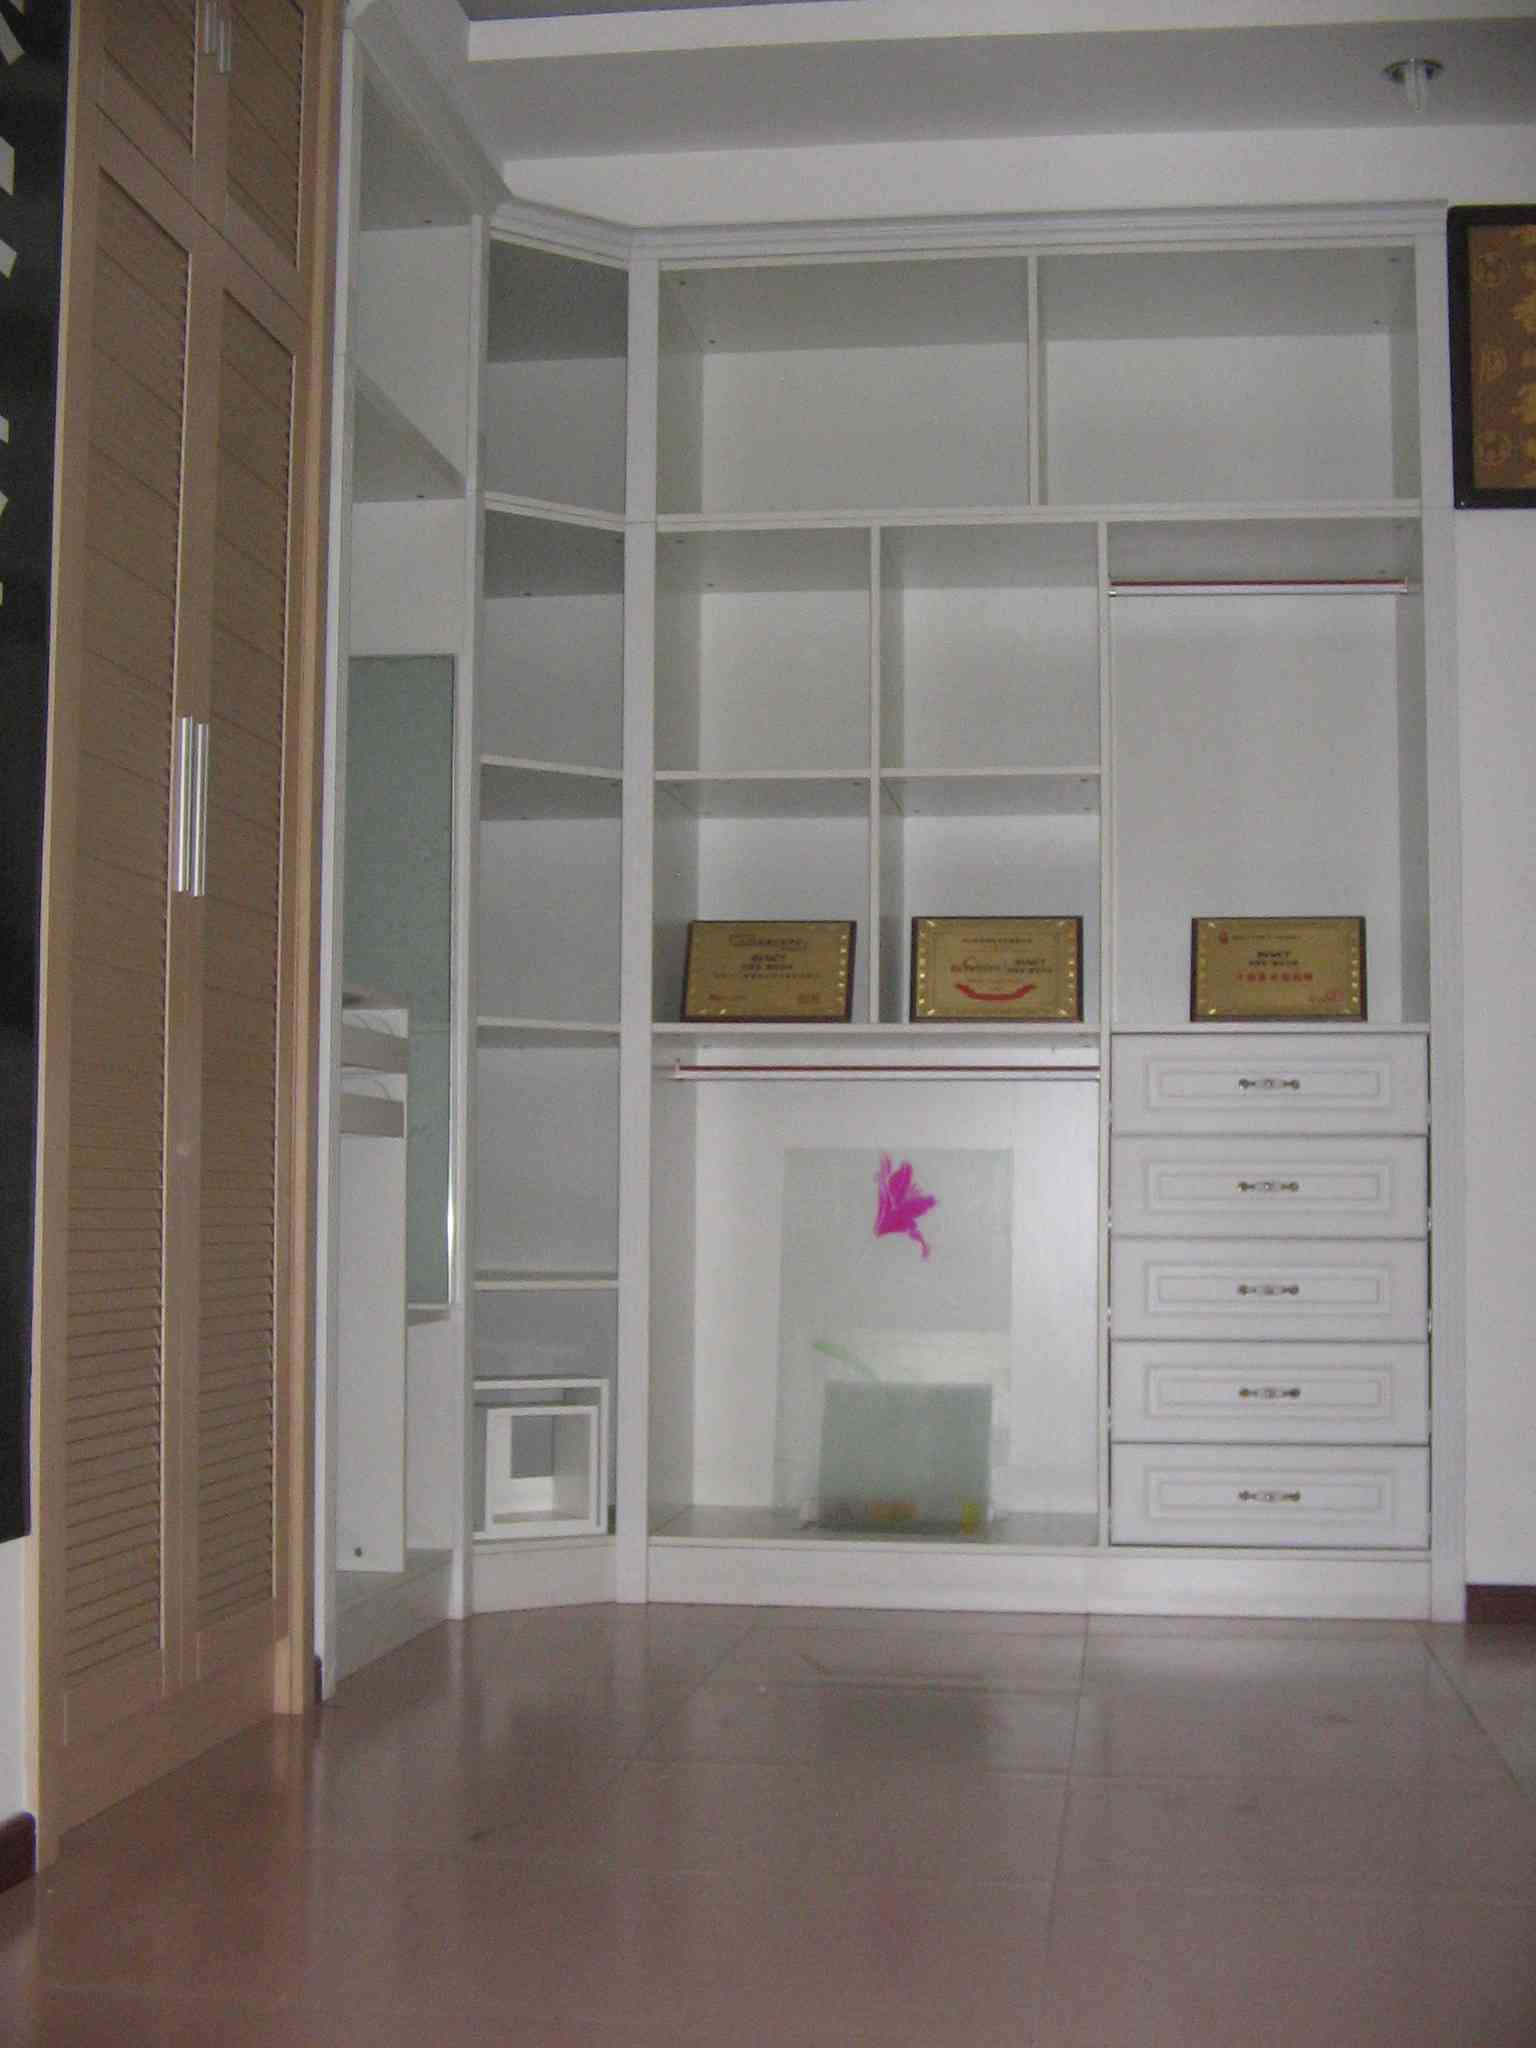 衣柜门板3、高密度板 高密度板是常用的人造板,是将木材、树枝等发在水中泡过后,打碎压制加工而成的,密度均匀,强度较高,加工起来也较为容易,不过缺点就是防潮性不好,厨卫等潮湿的地方不宜使用,但用来做衣柜还不错。 衣柜门板4、实木颗粒板 实木颗粒板是将实木打成颗粒,再用胶粘合压制而成的,保留了一些实木的物理特性,握钉力较好,质地较轻,不会给衣柜造成太多压力,但承重力却不弱,而且成本低,性价比高,因此也常运用在衣柜制造中。 衣柜门板如何选购 1、看板材的切面,小纤维是否结合紧密; 2、看板材的环保程度,甲醛的